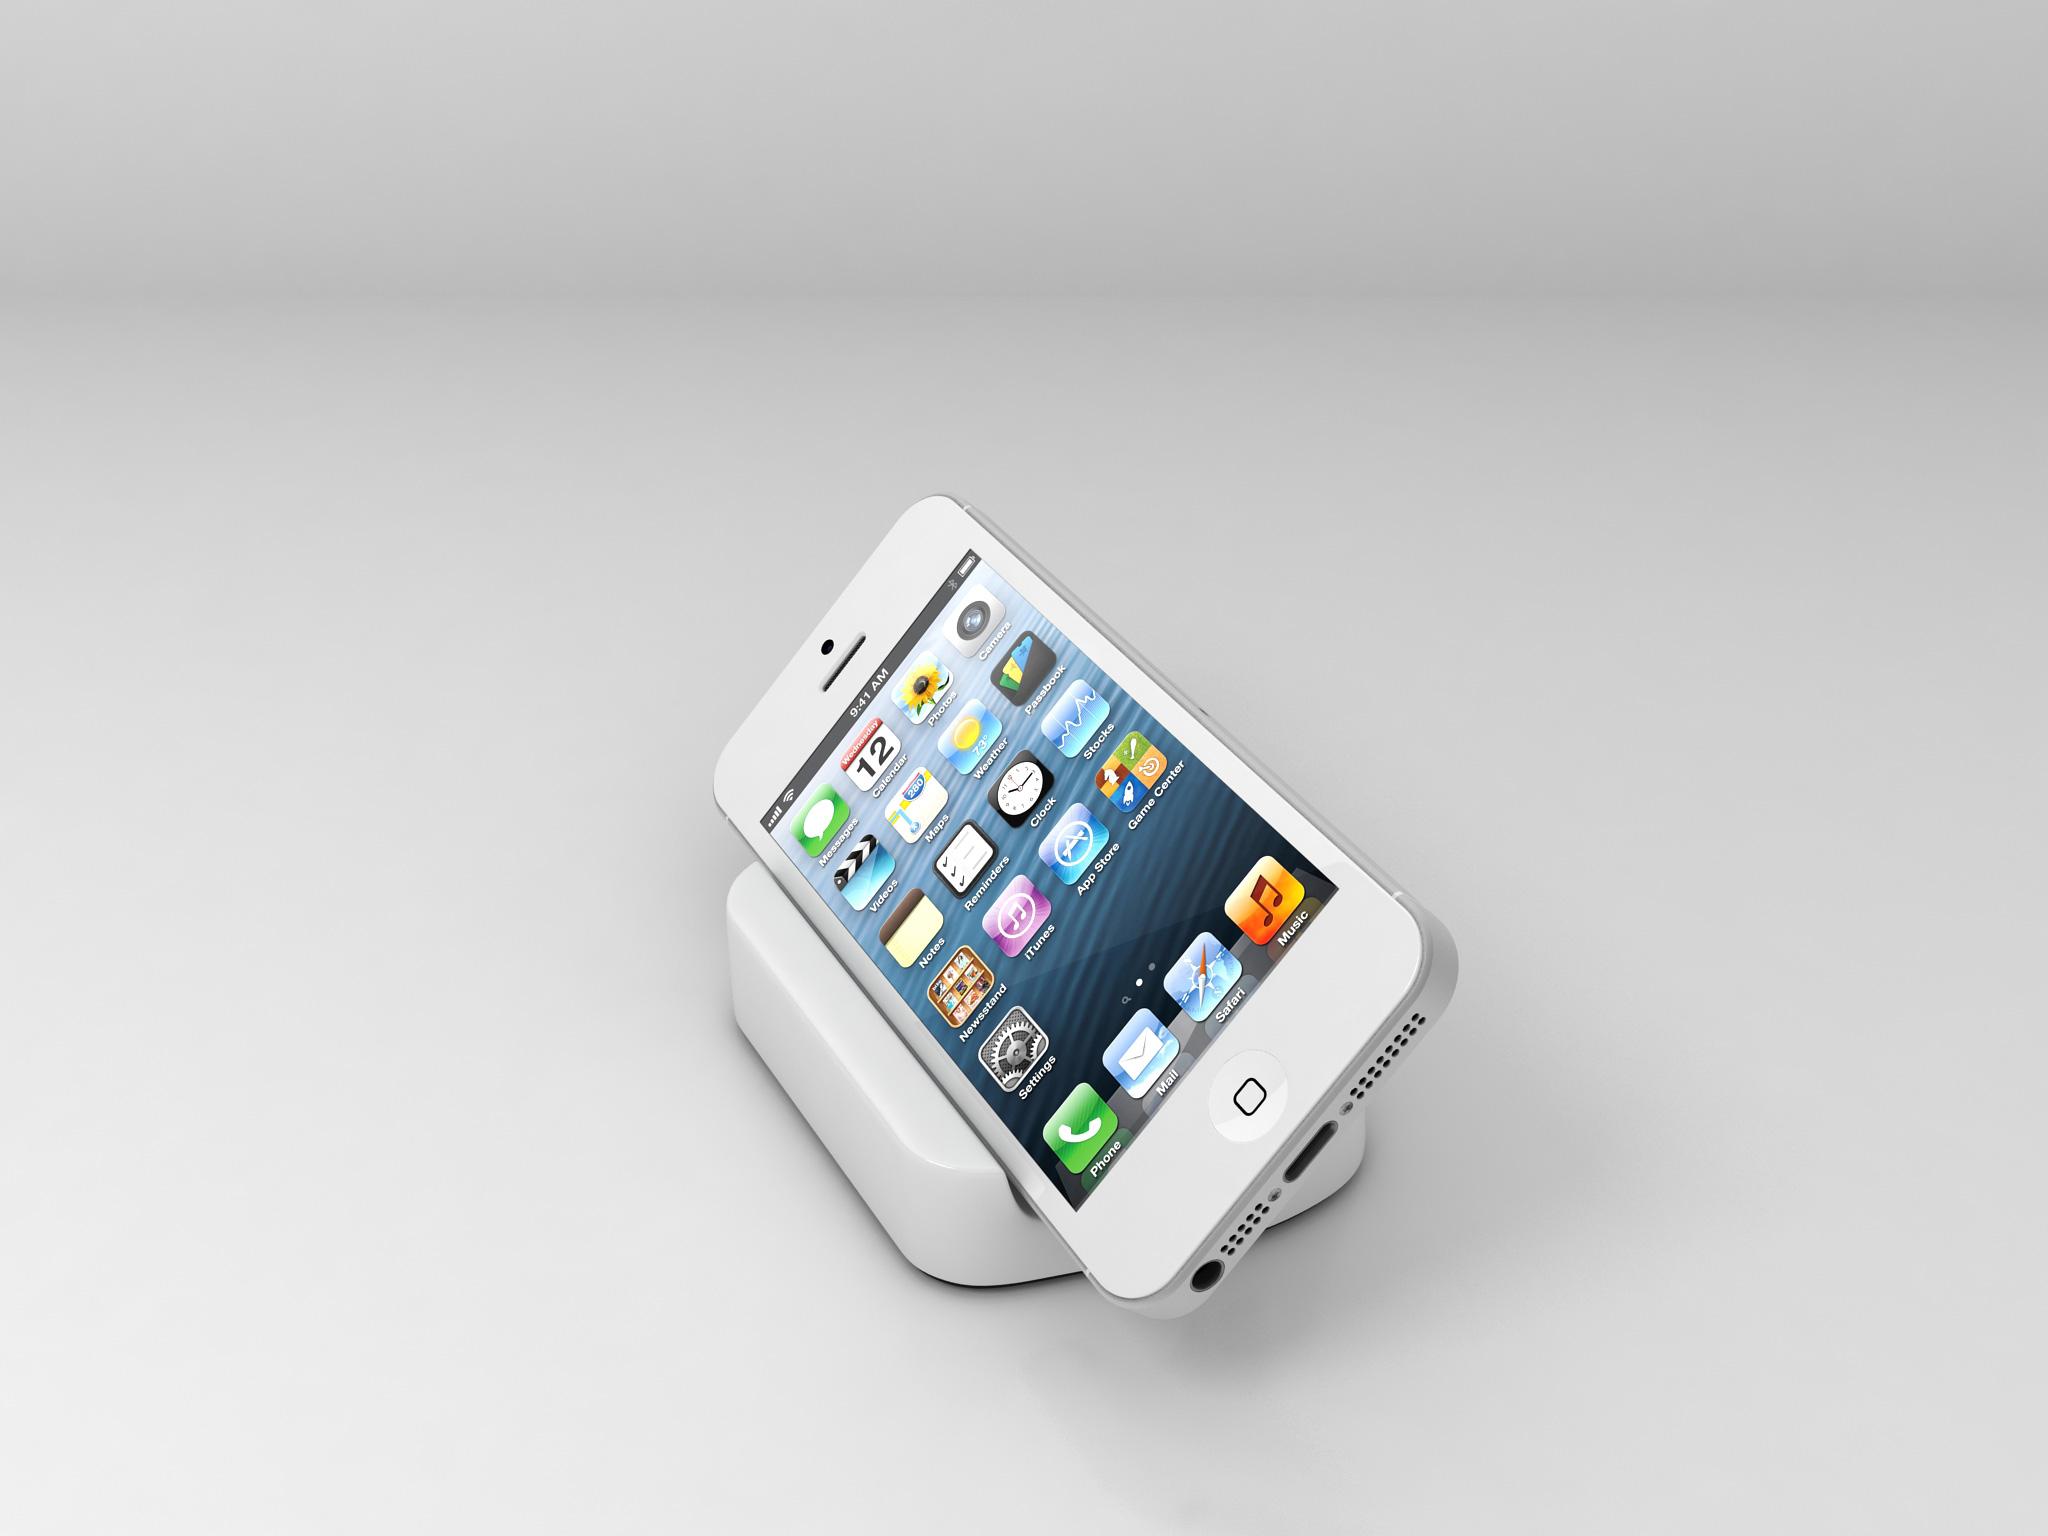 das neue iphone 5 dock von paydroid. Black Bedroom Furniture Sets. Home Design Ideas